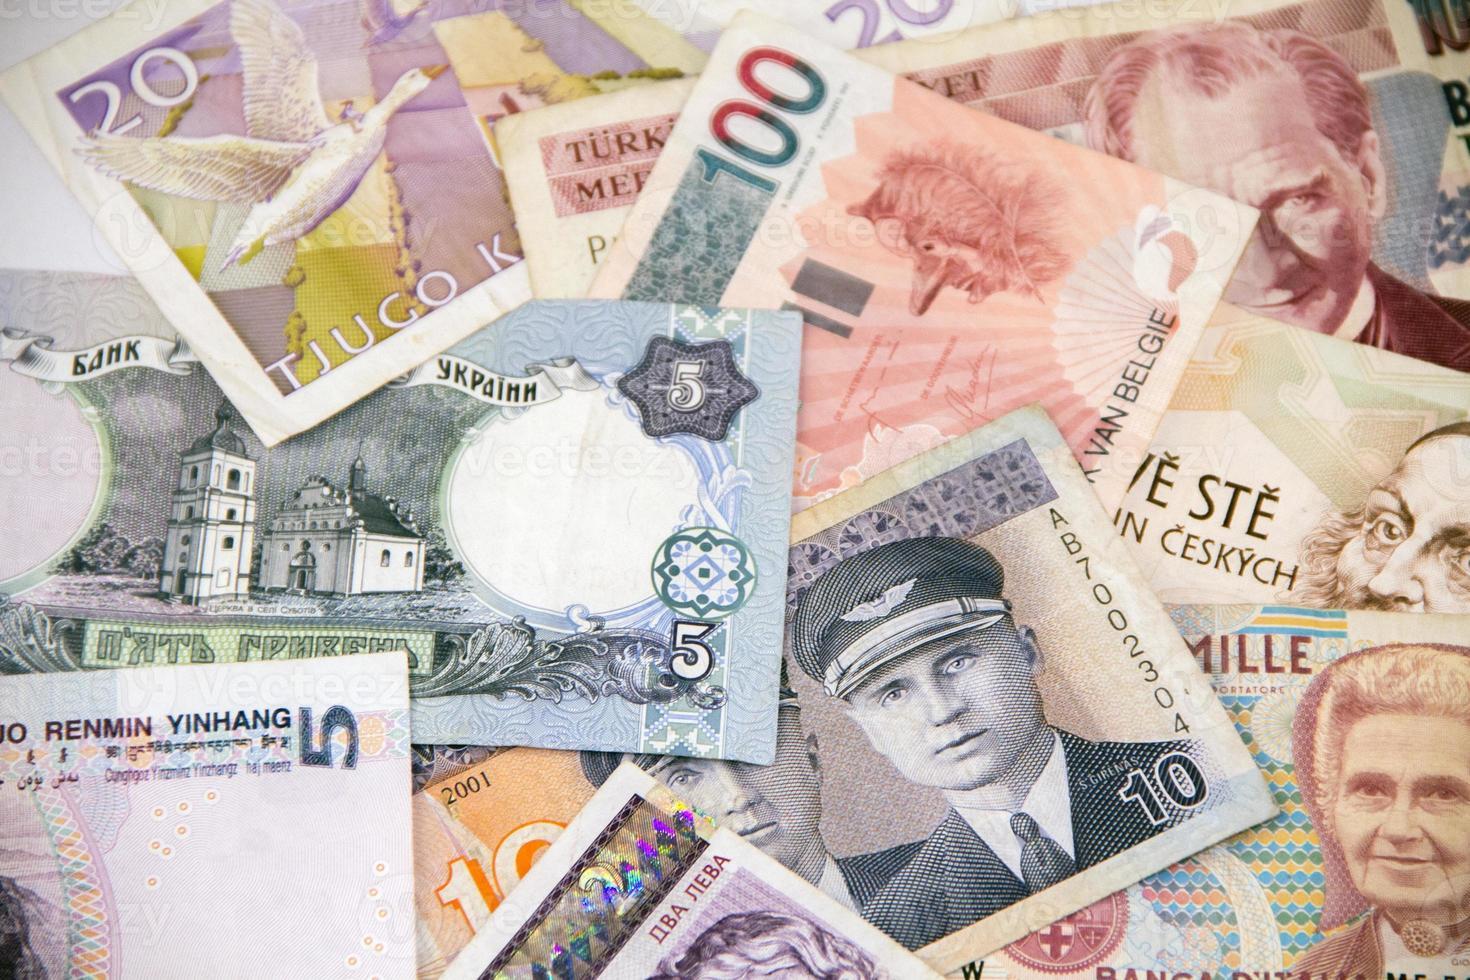 conta i miei soldi foto